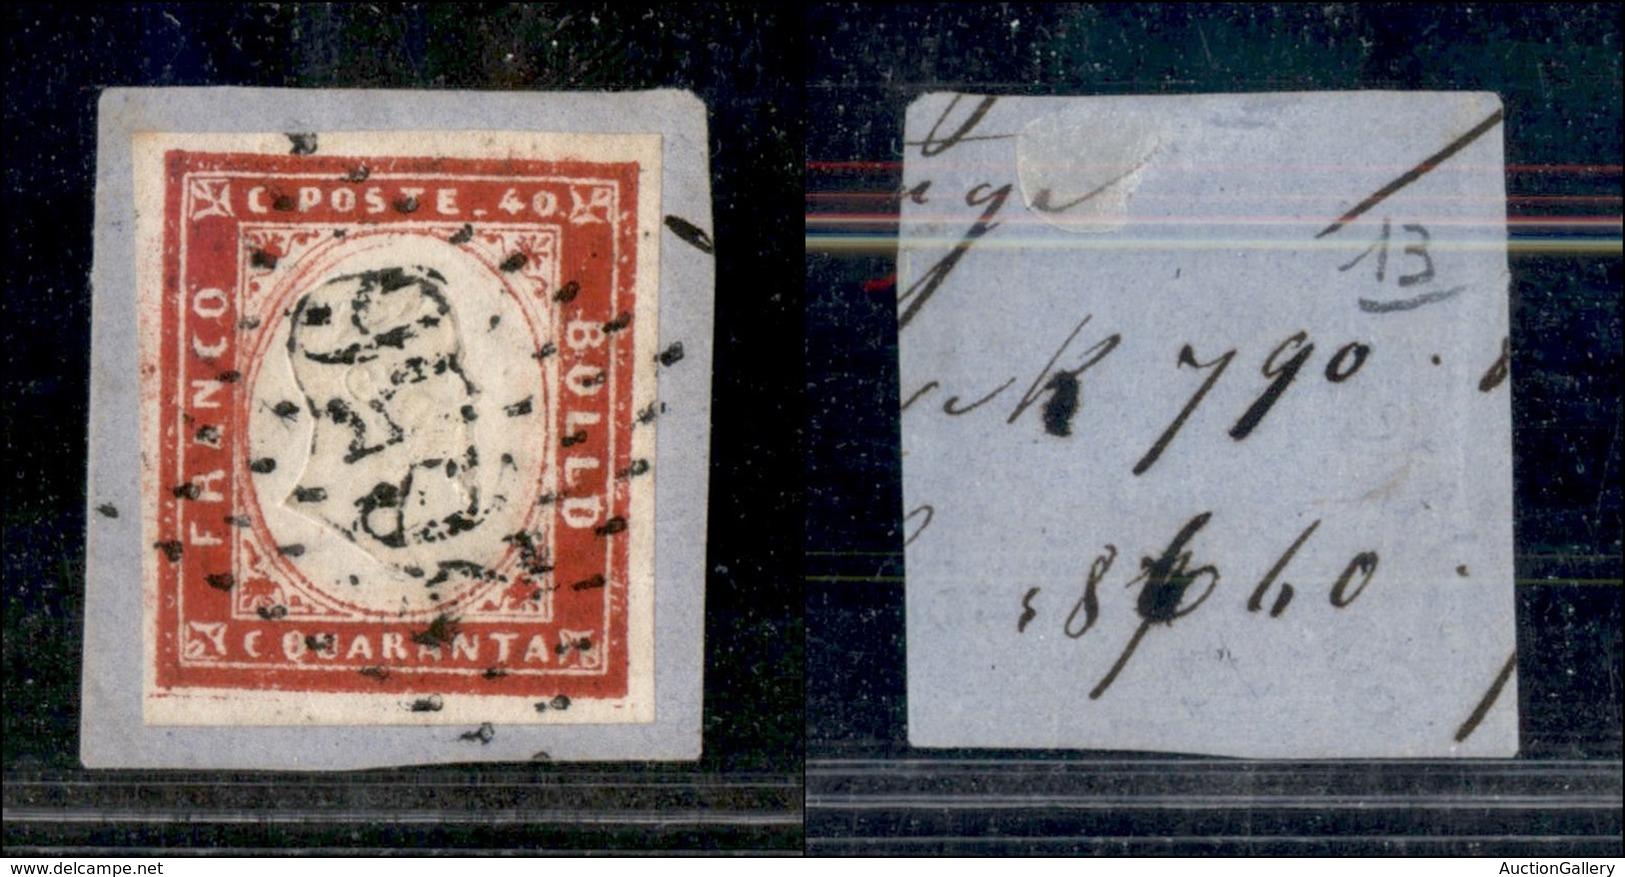 ANTICHI STATI - SARDEGNA - 2656 A Punti Di Nizza (P.ti 13) Su 40 Cent (60D) Su Frammento (2.000+) - Stamps